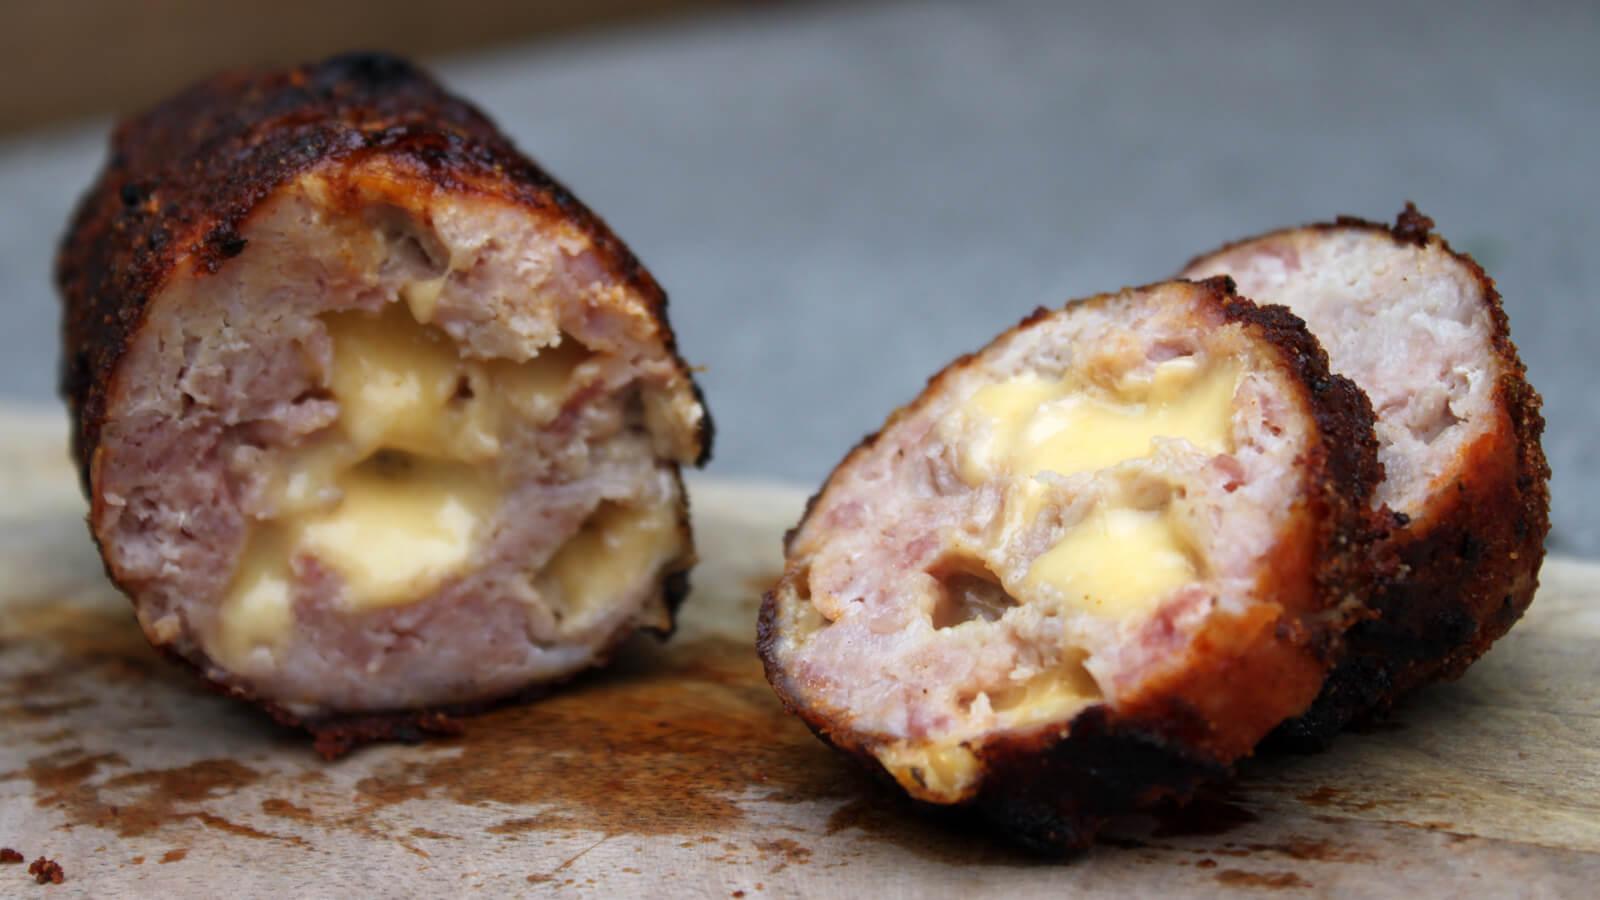 Kip Grillwors met Kaas? Die maak je gewoon zelf!